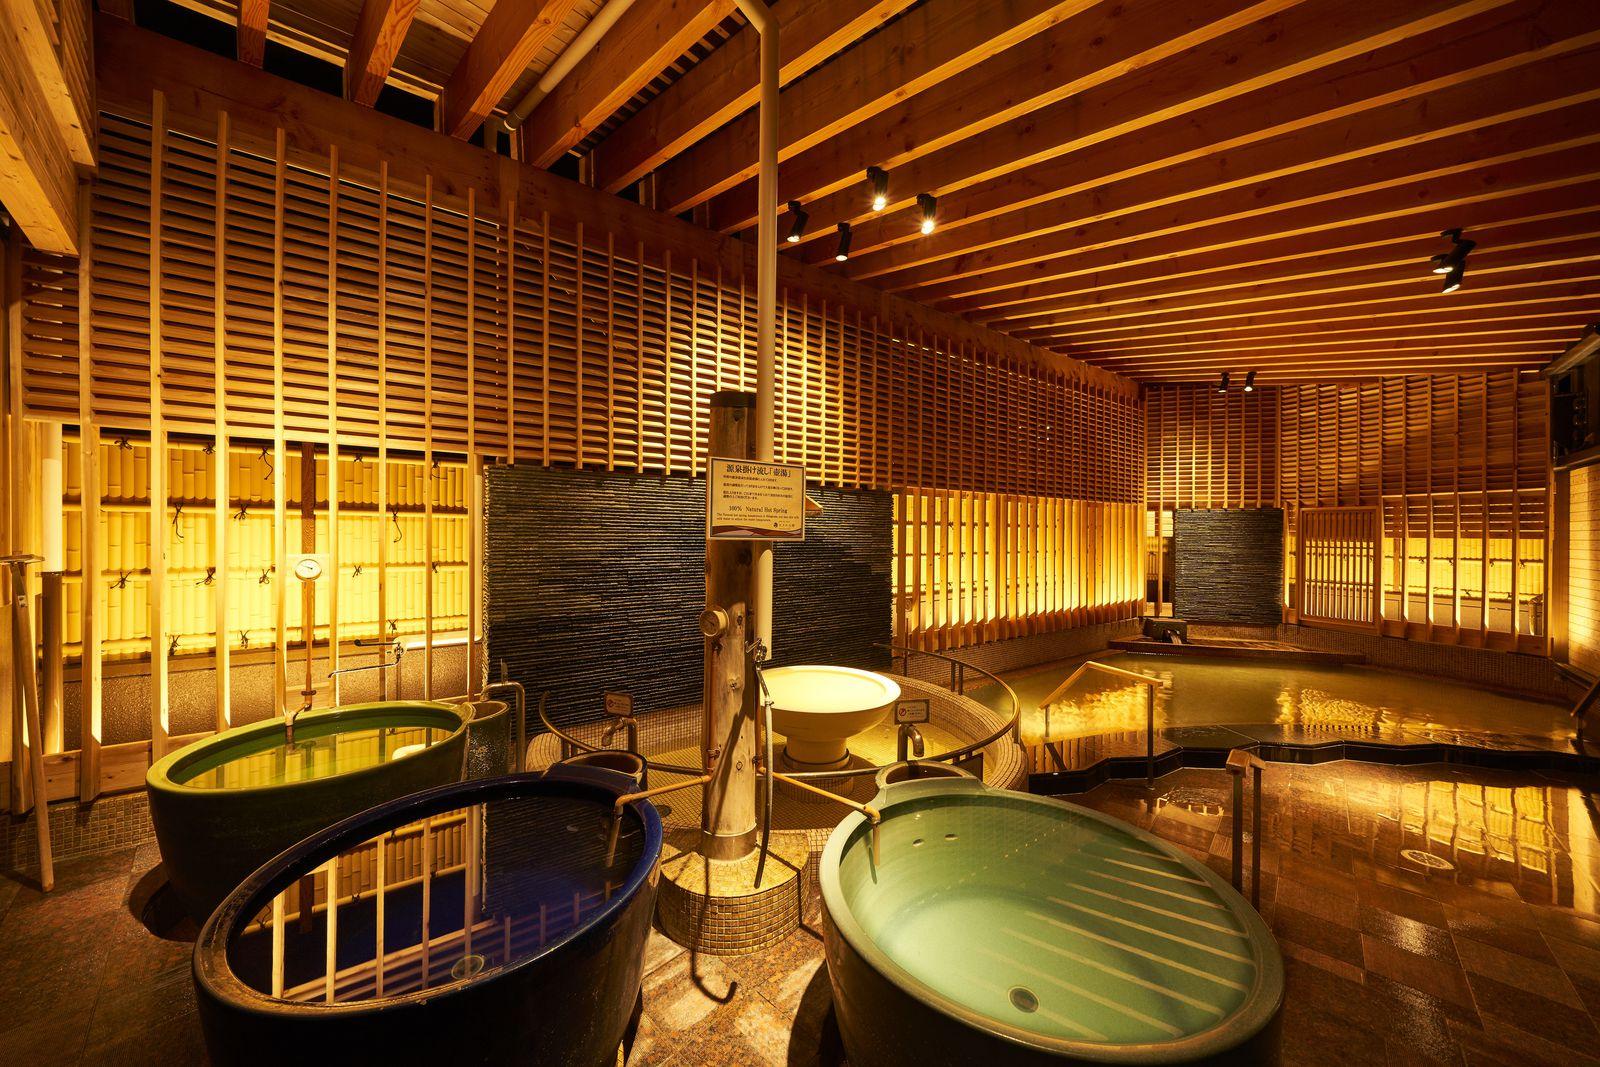 秋こそ自分リセット旅へ。函館で癒しの小旅行を楽しめる「ホテル万惣」に注目